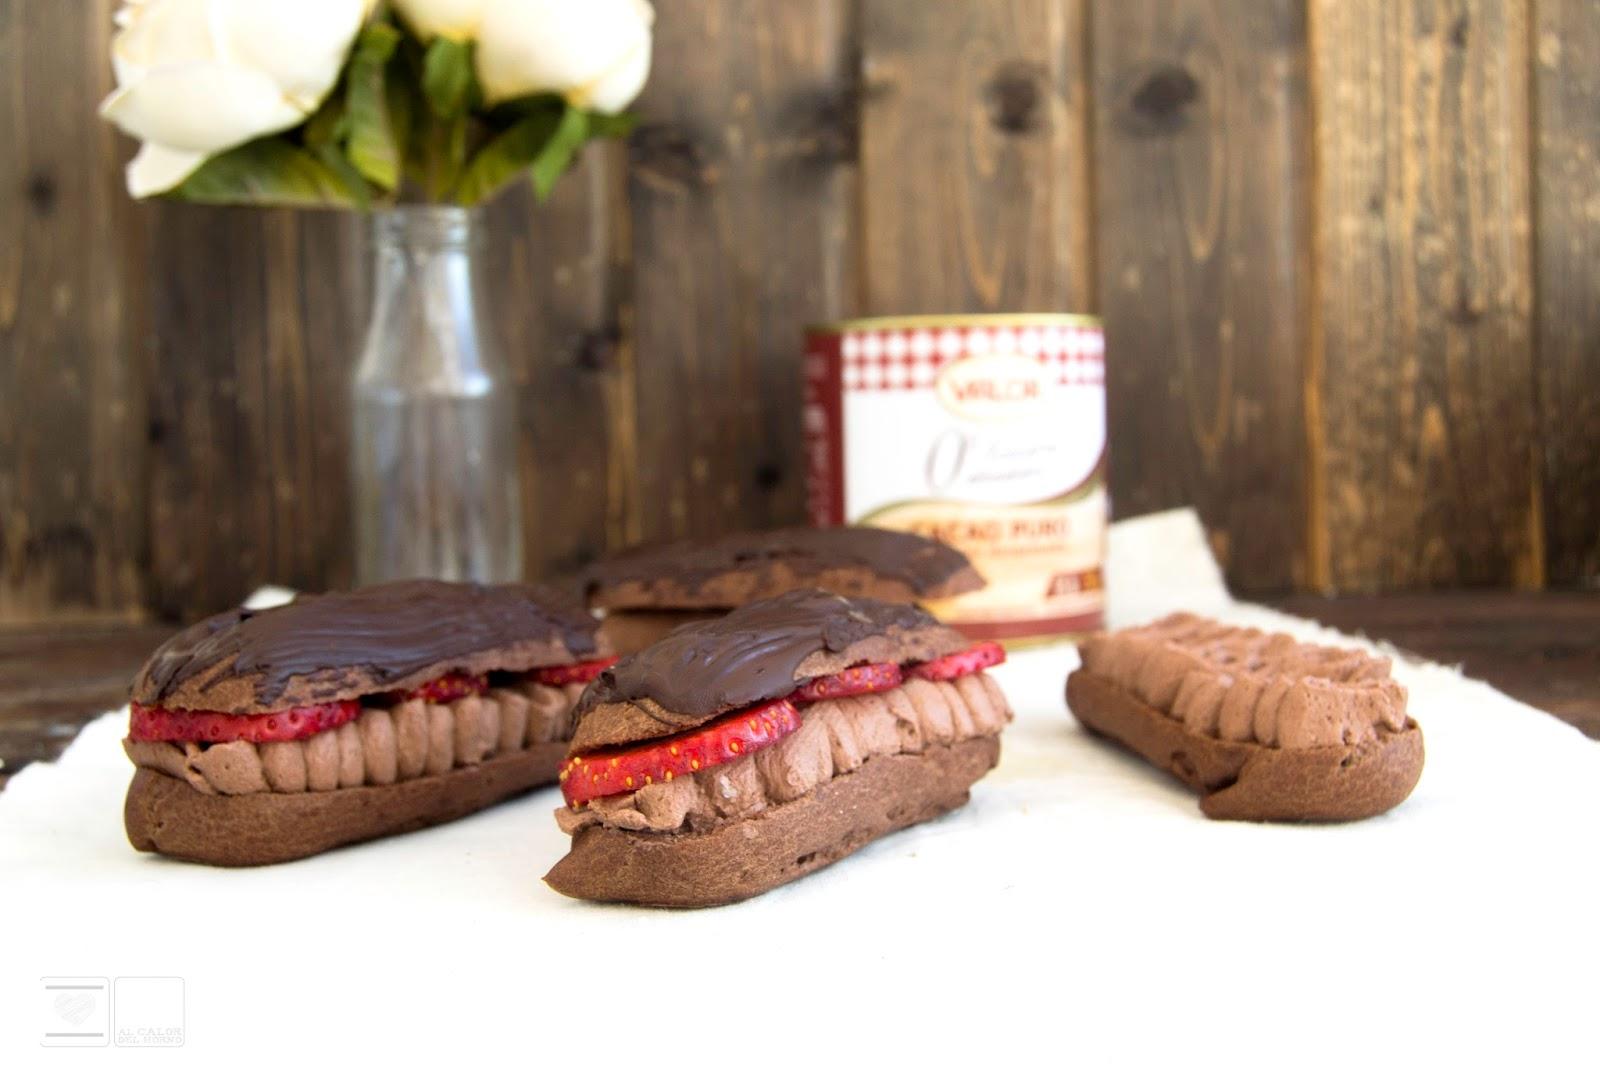 Eclairs de nata trufada y cobertura de chocolate crujiente